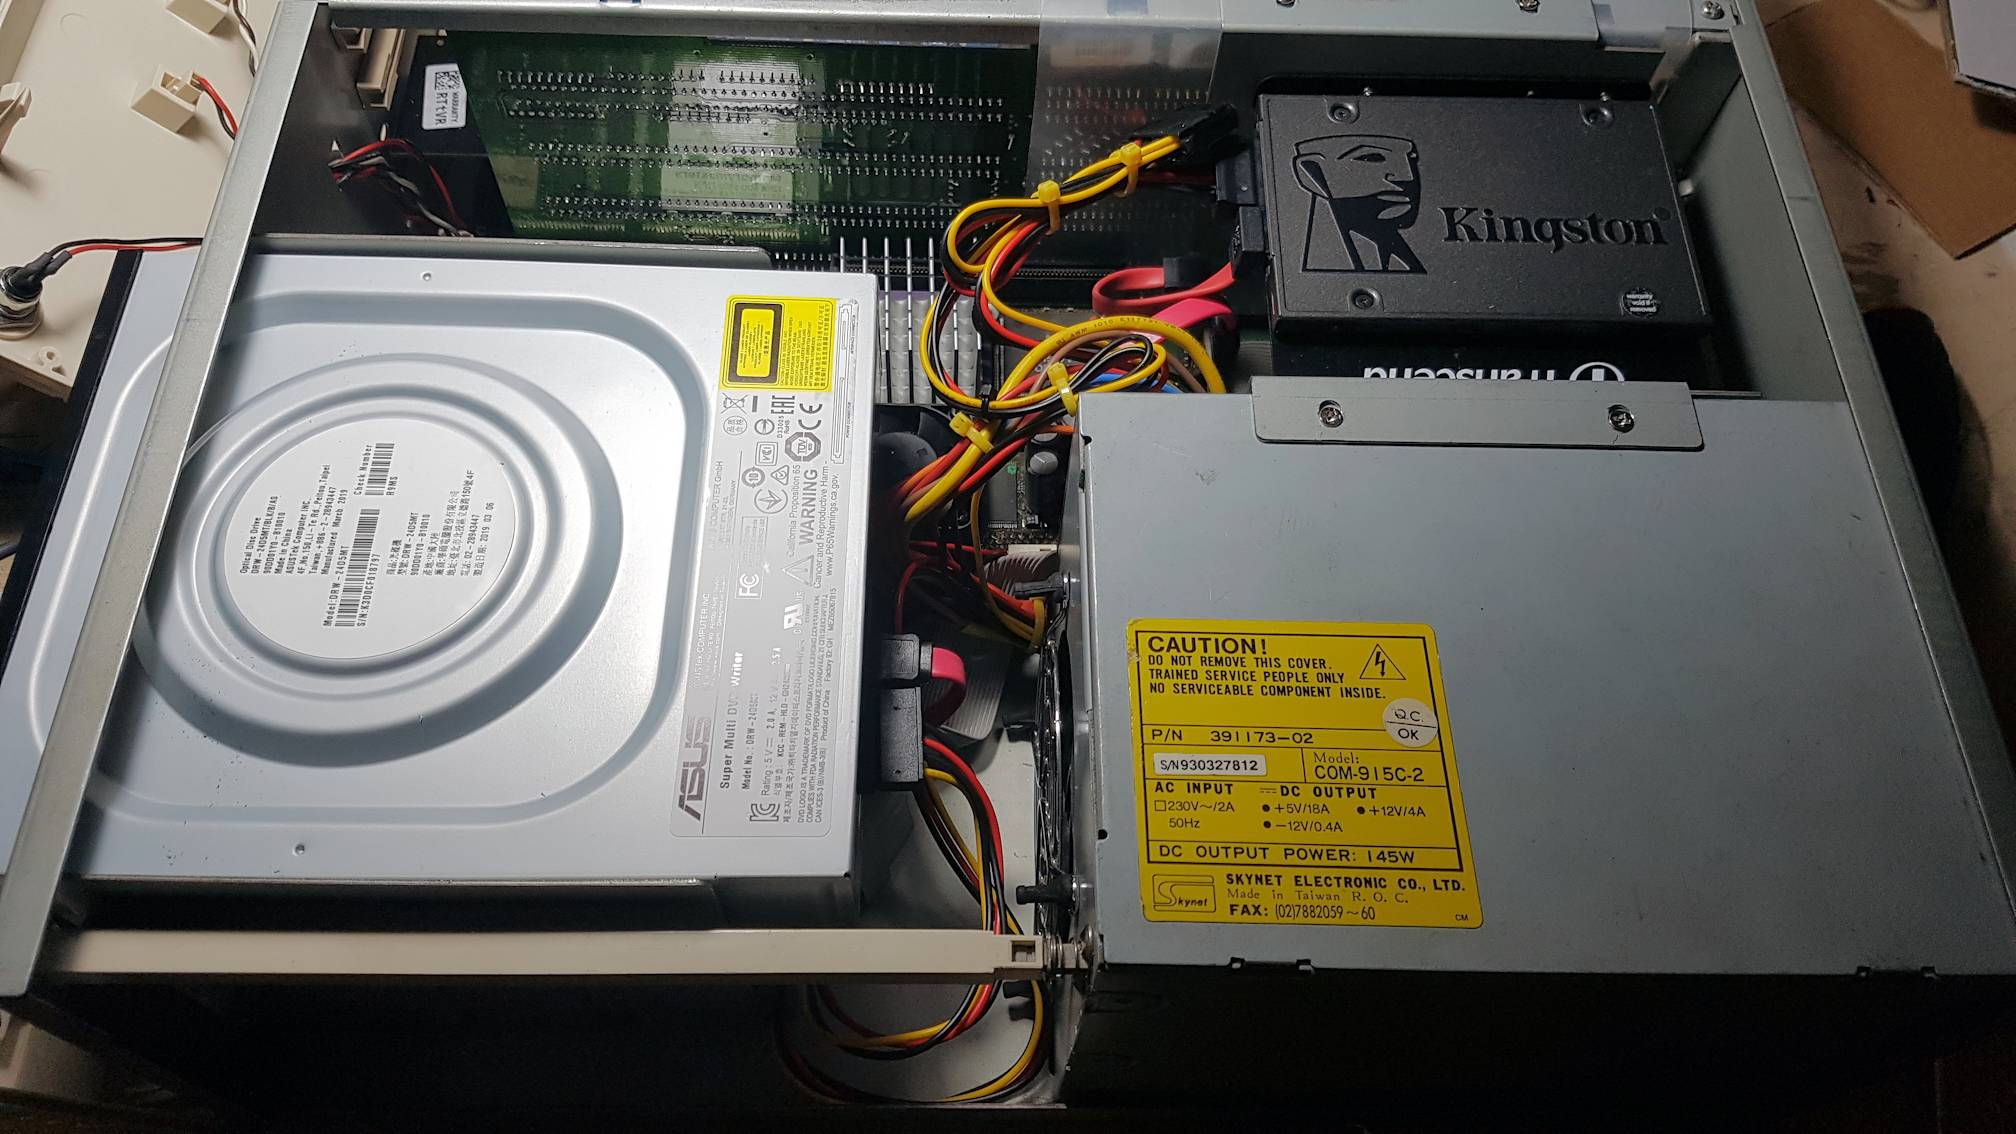 Cablatura risultante nell' Amiga 4000 con bus SATA